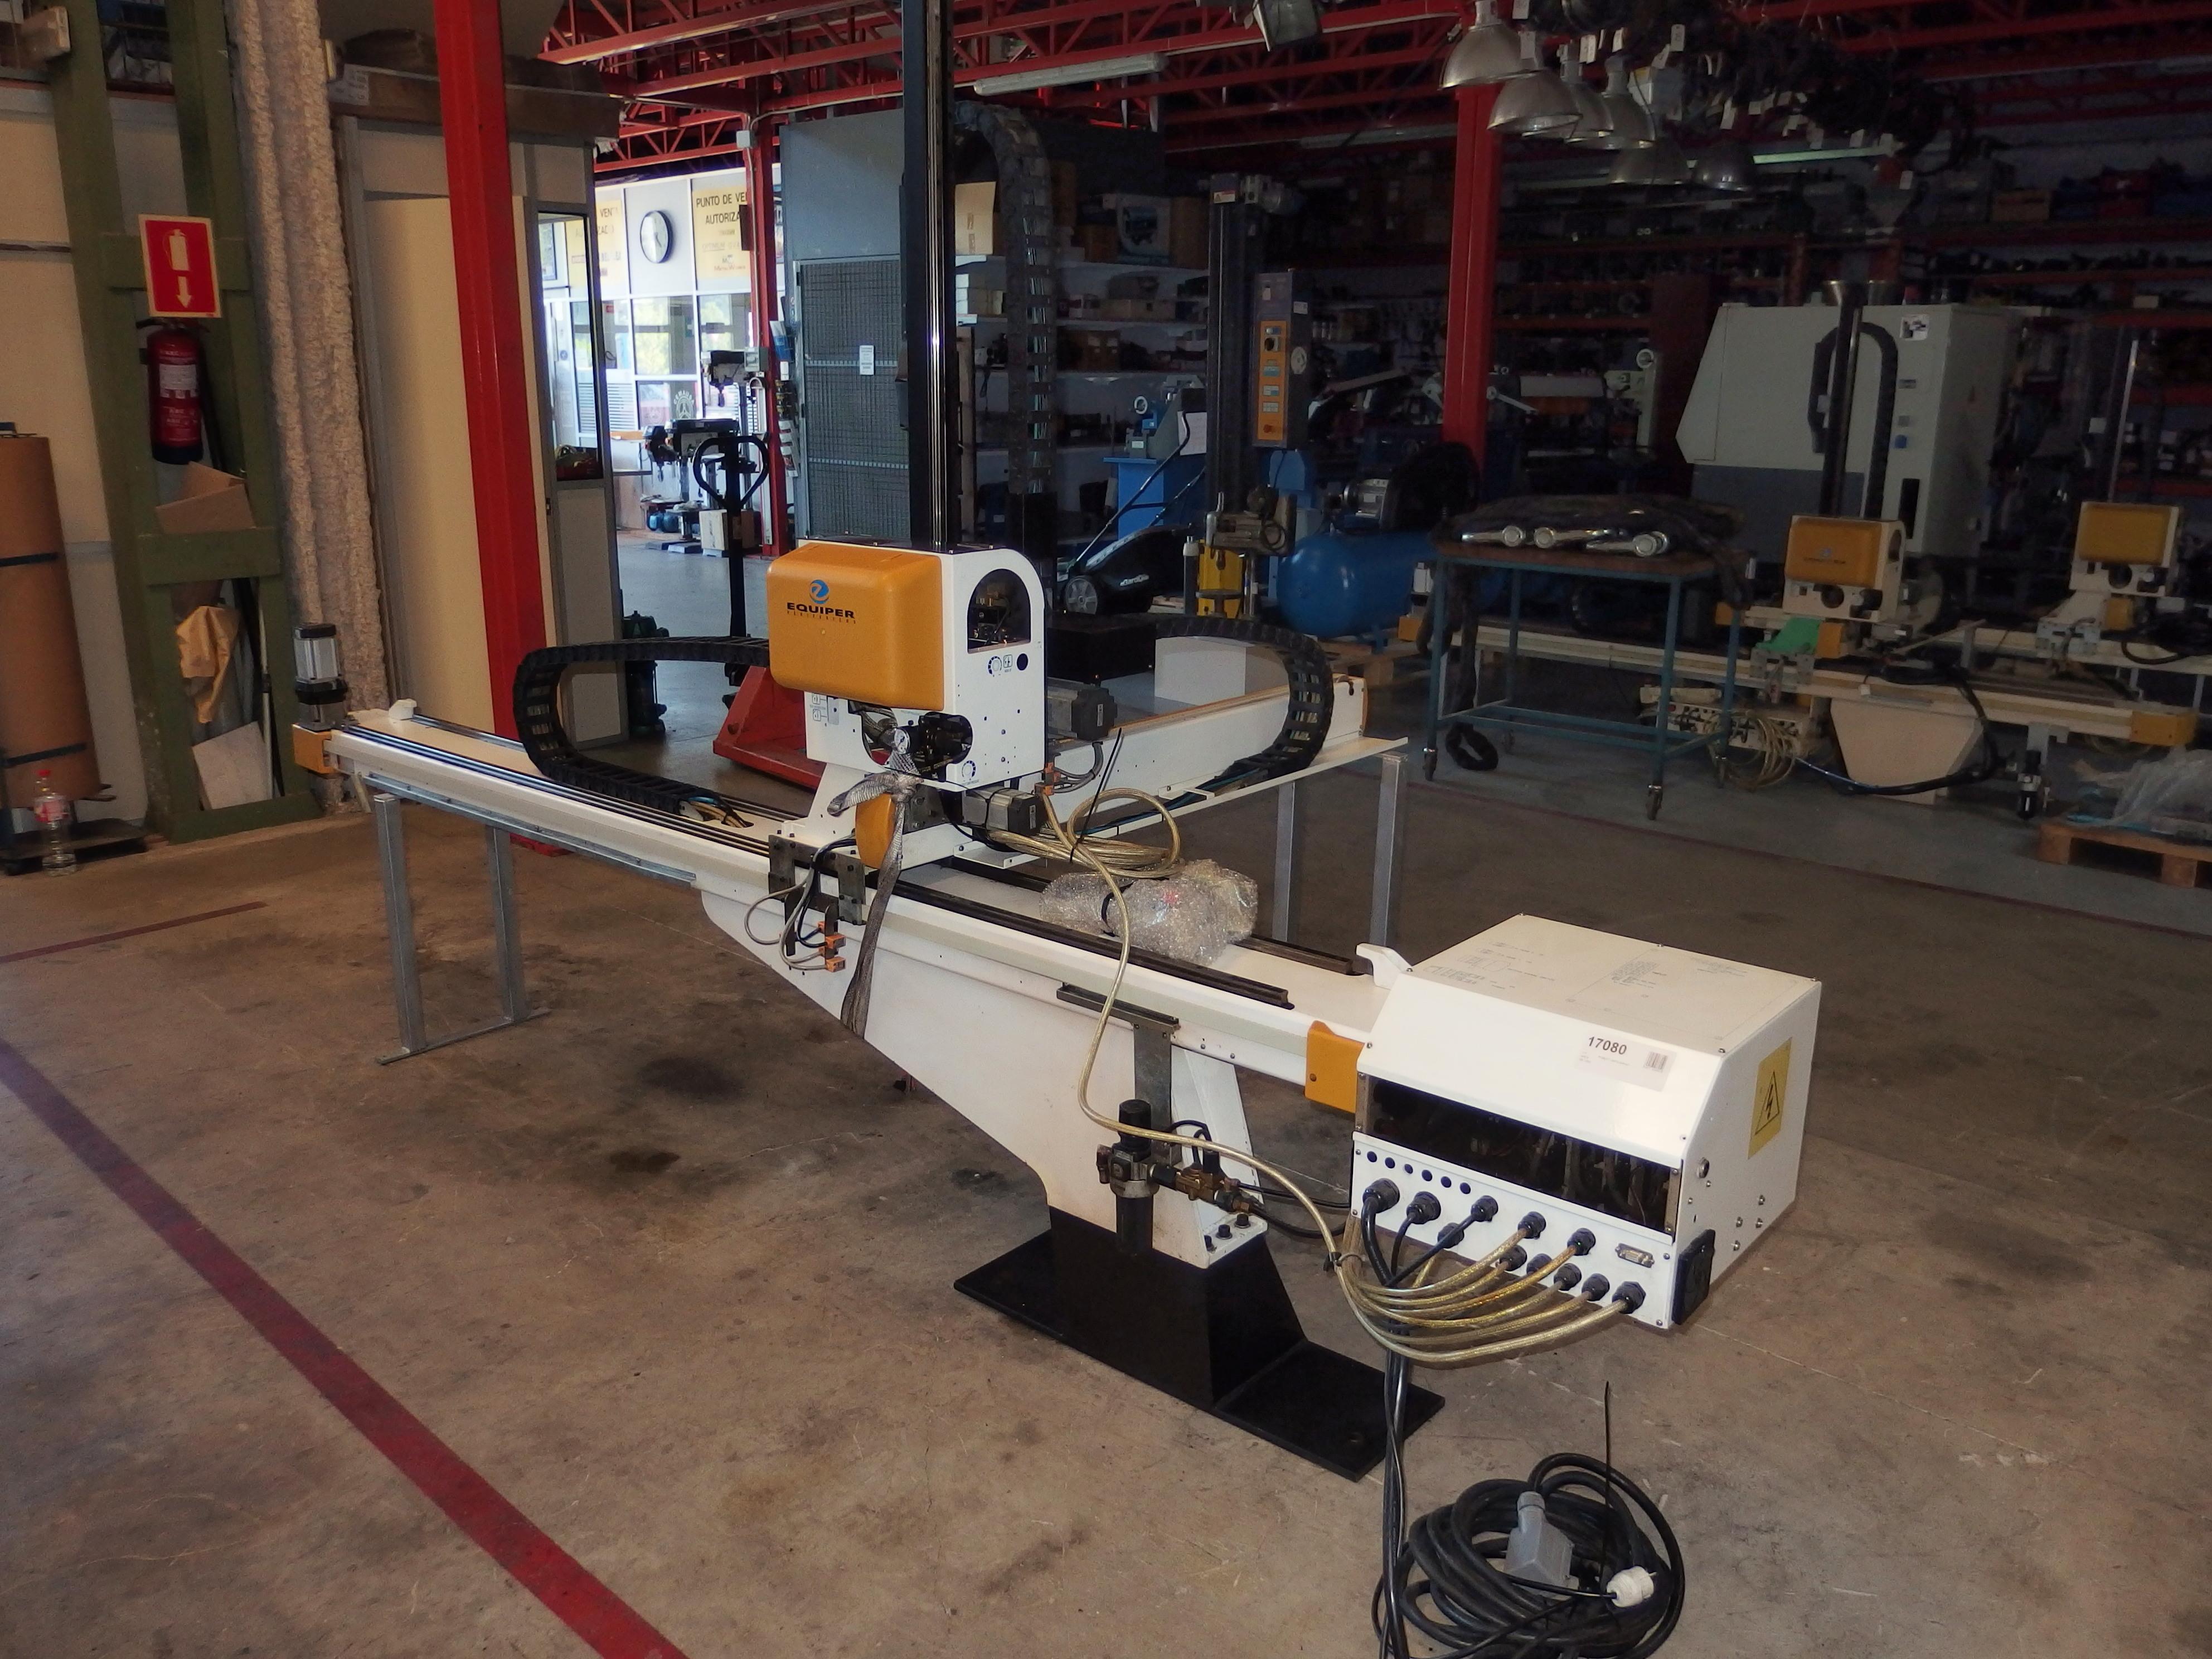 Robot cart siano apex sb 1200 maquinas de segunda mano for Robot limpiafondos piscina segunda mano